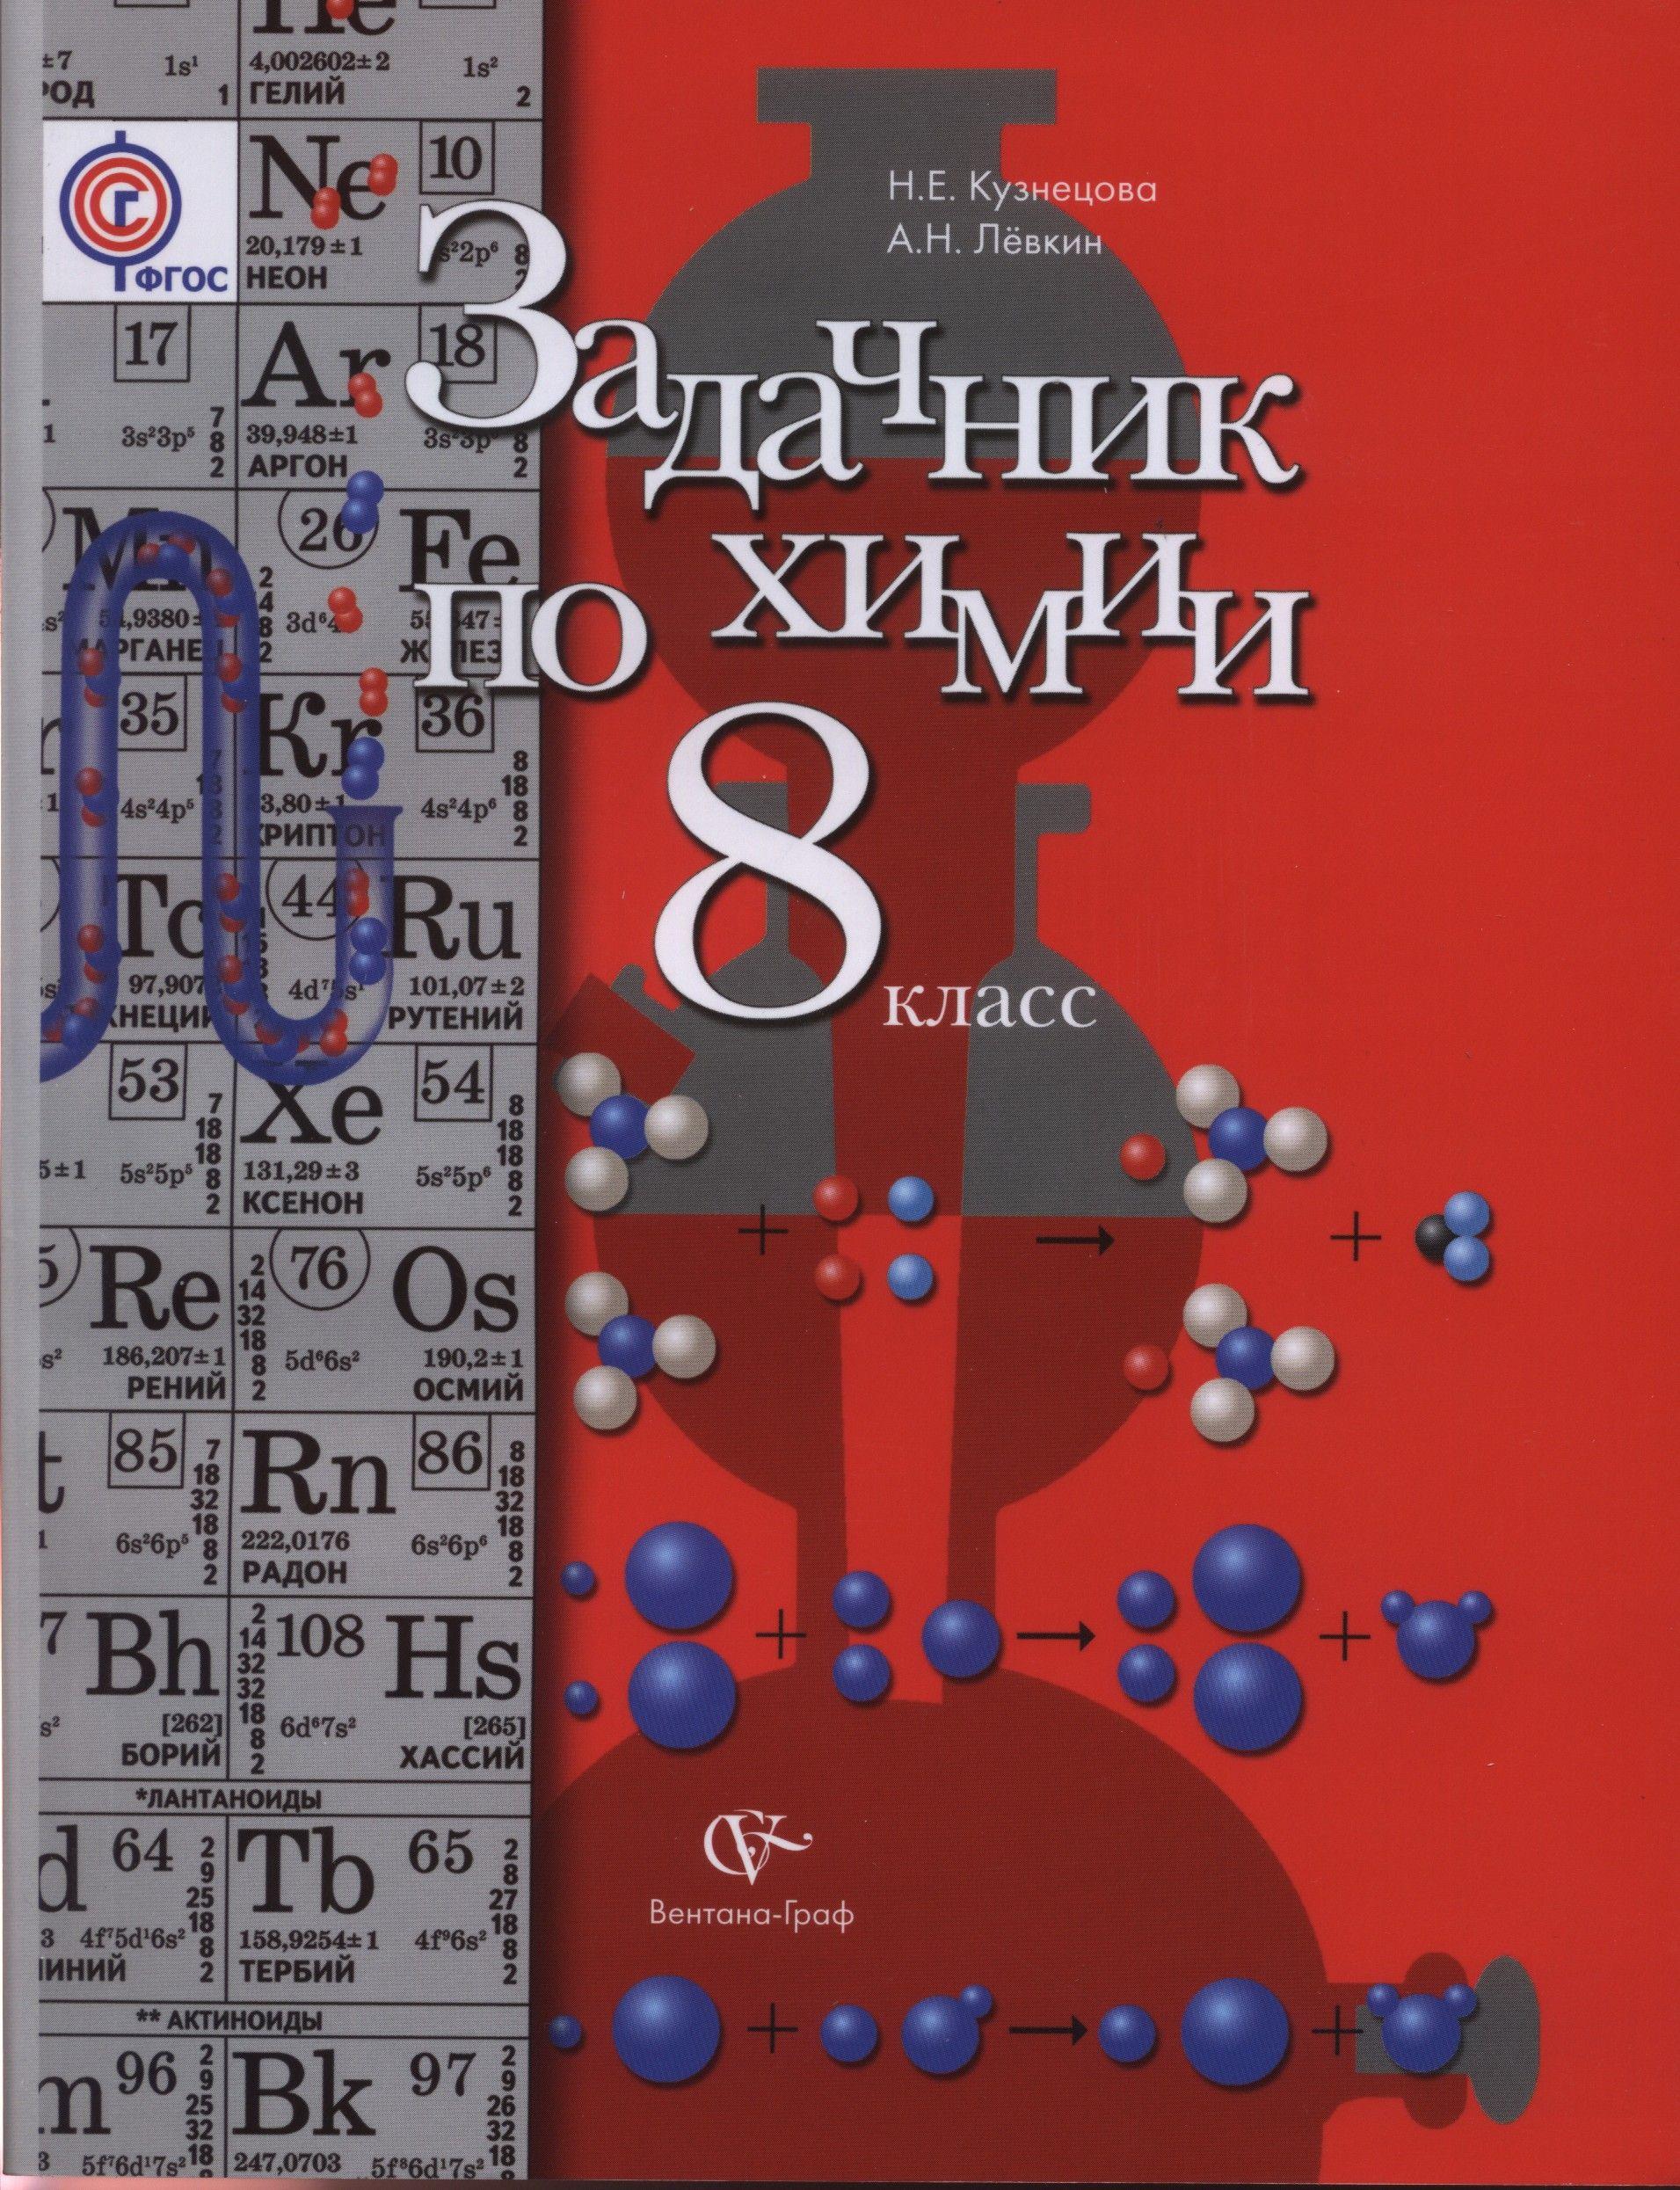 Учебник английский язык и п агабекян спо 18-издание